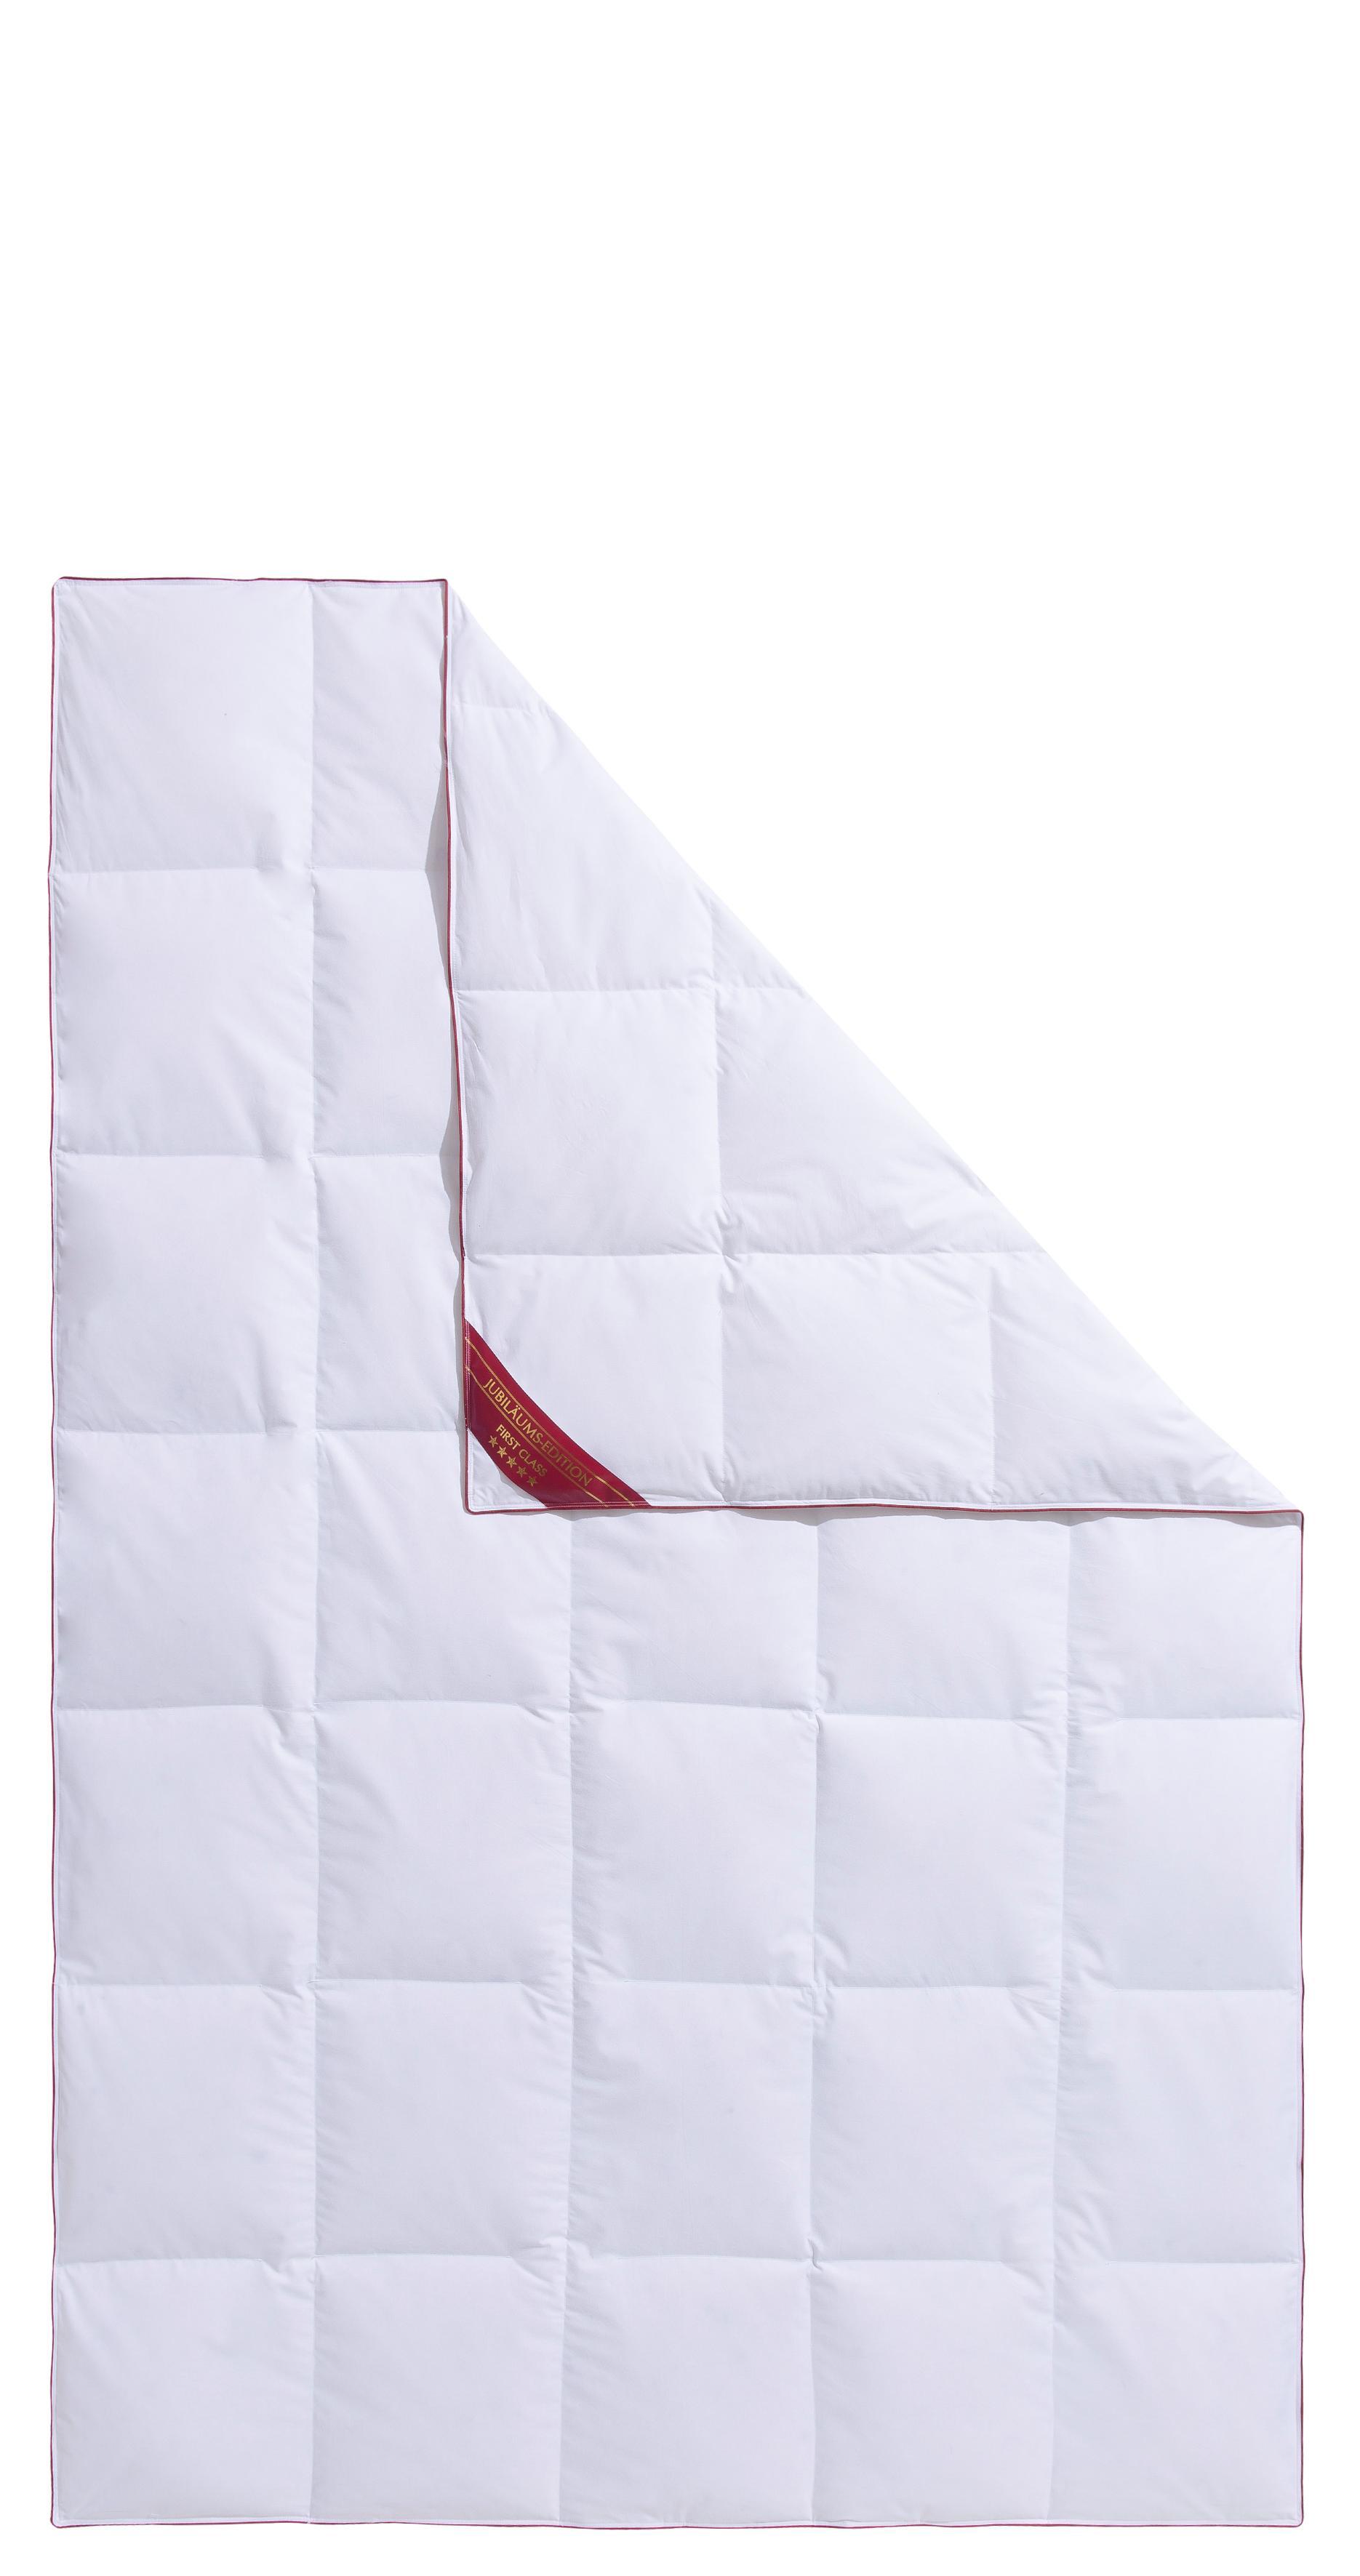 Daunenbettdecke Jule Hanse by RIBECO leicht Füllung: 90% Daunen 10% Federn Bezug: 100% Baumwolle